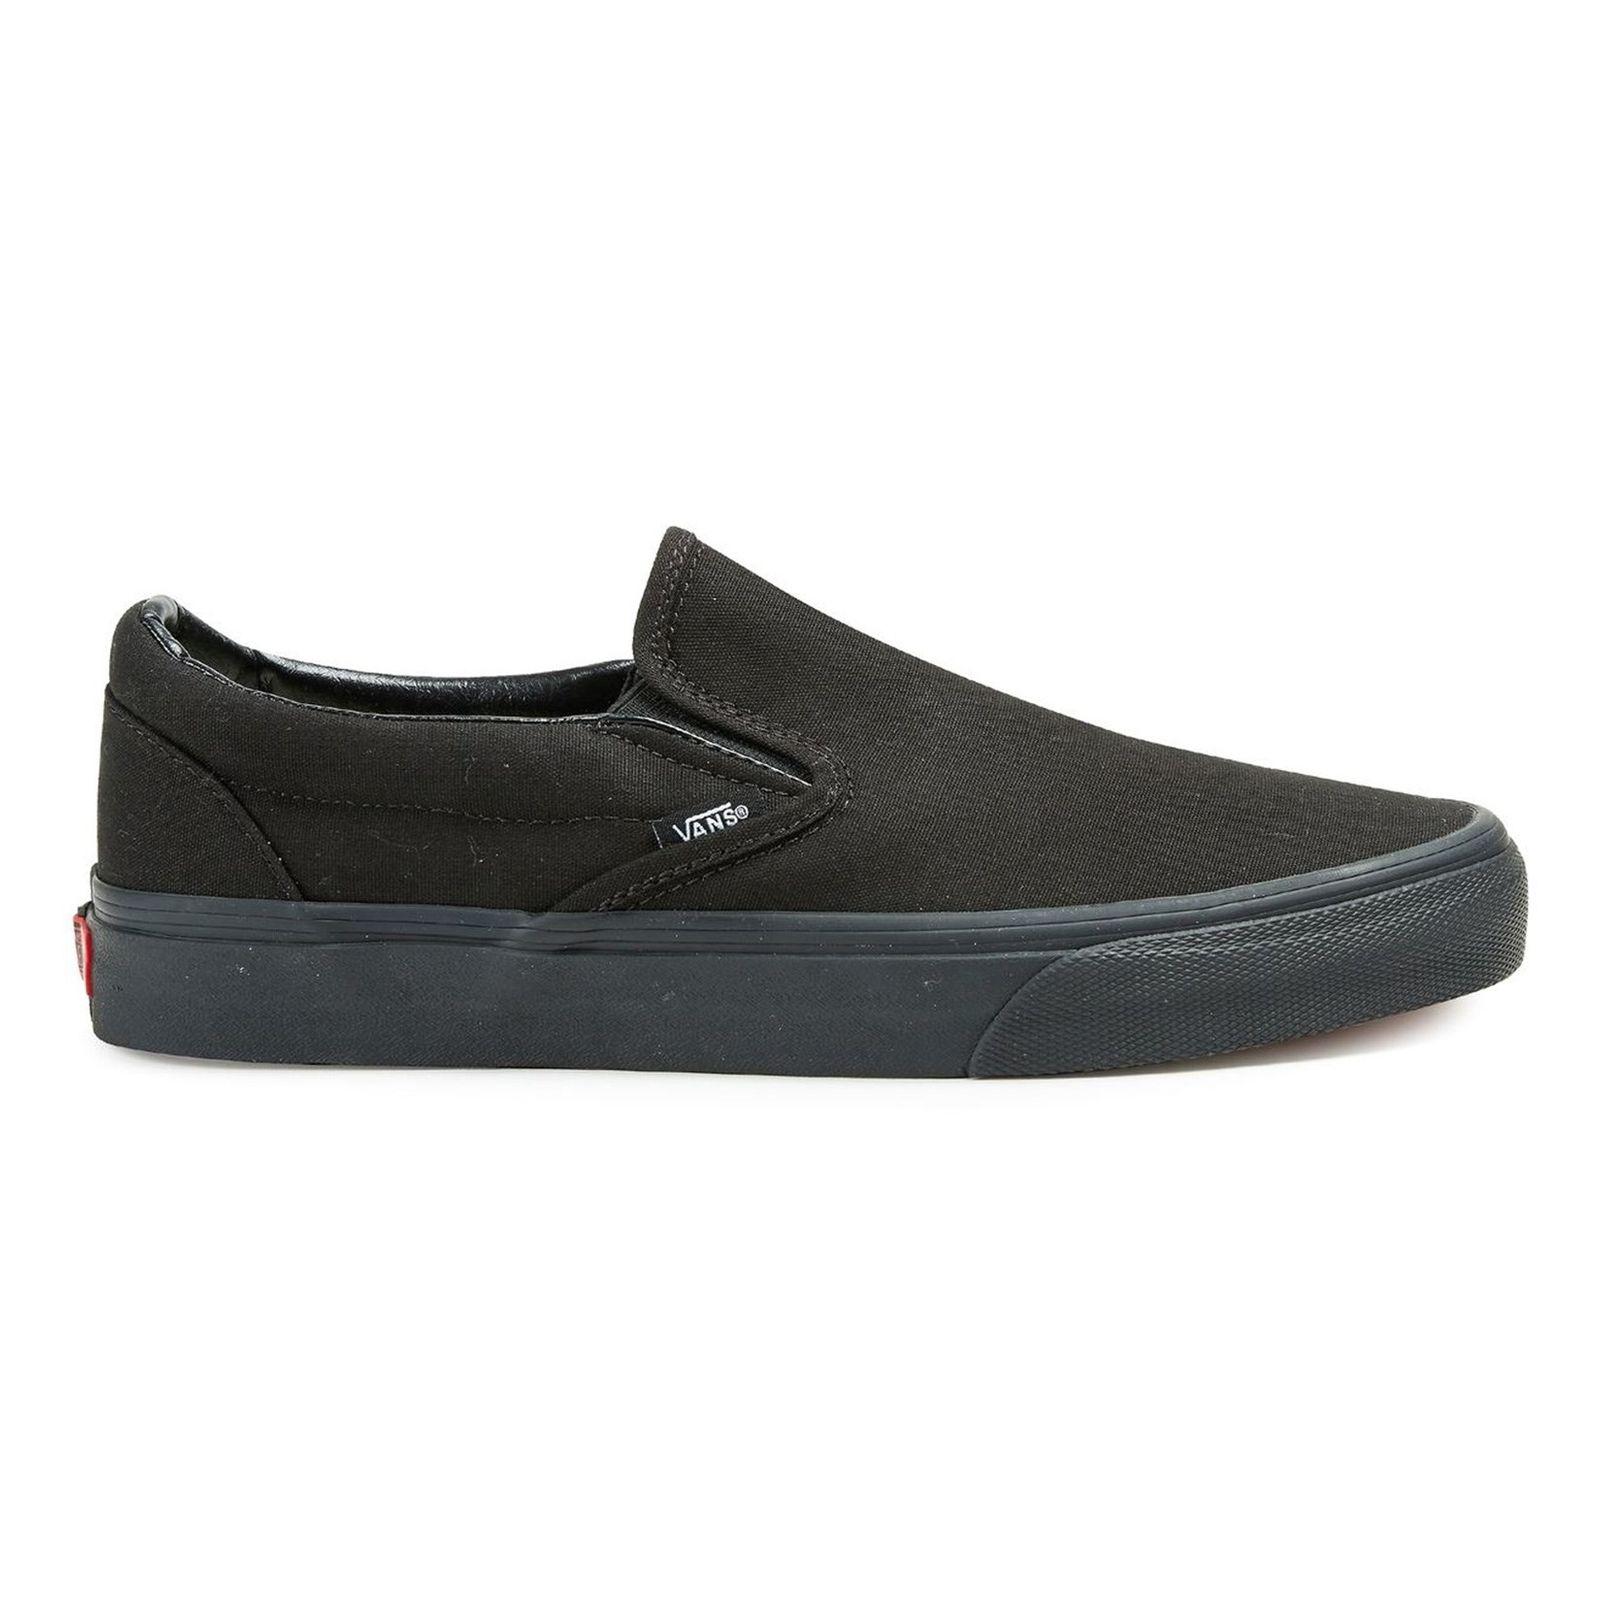 کفش راحتی مردانه Classic Slip On - ونس - مشکي  - 1